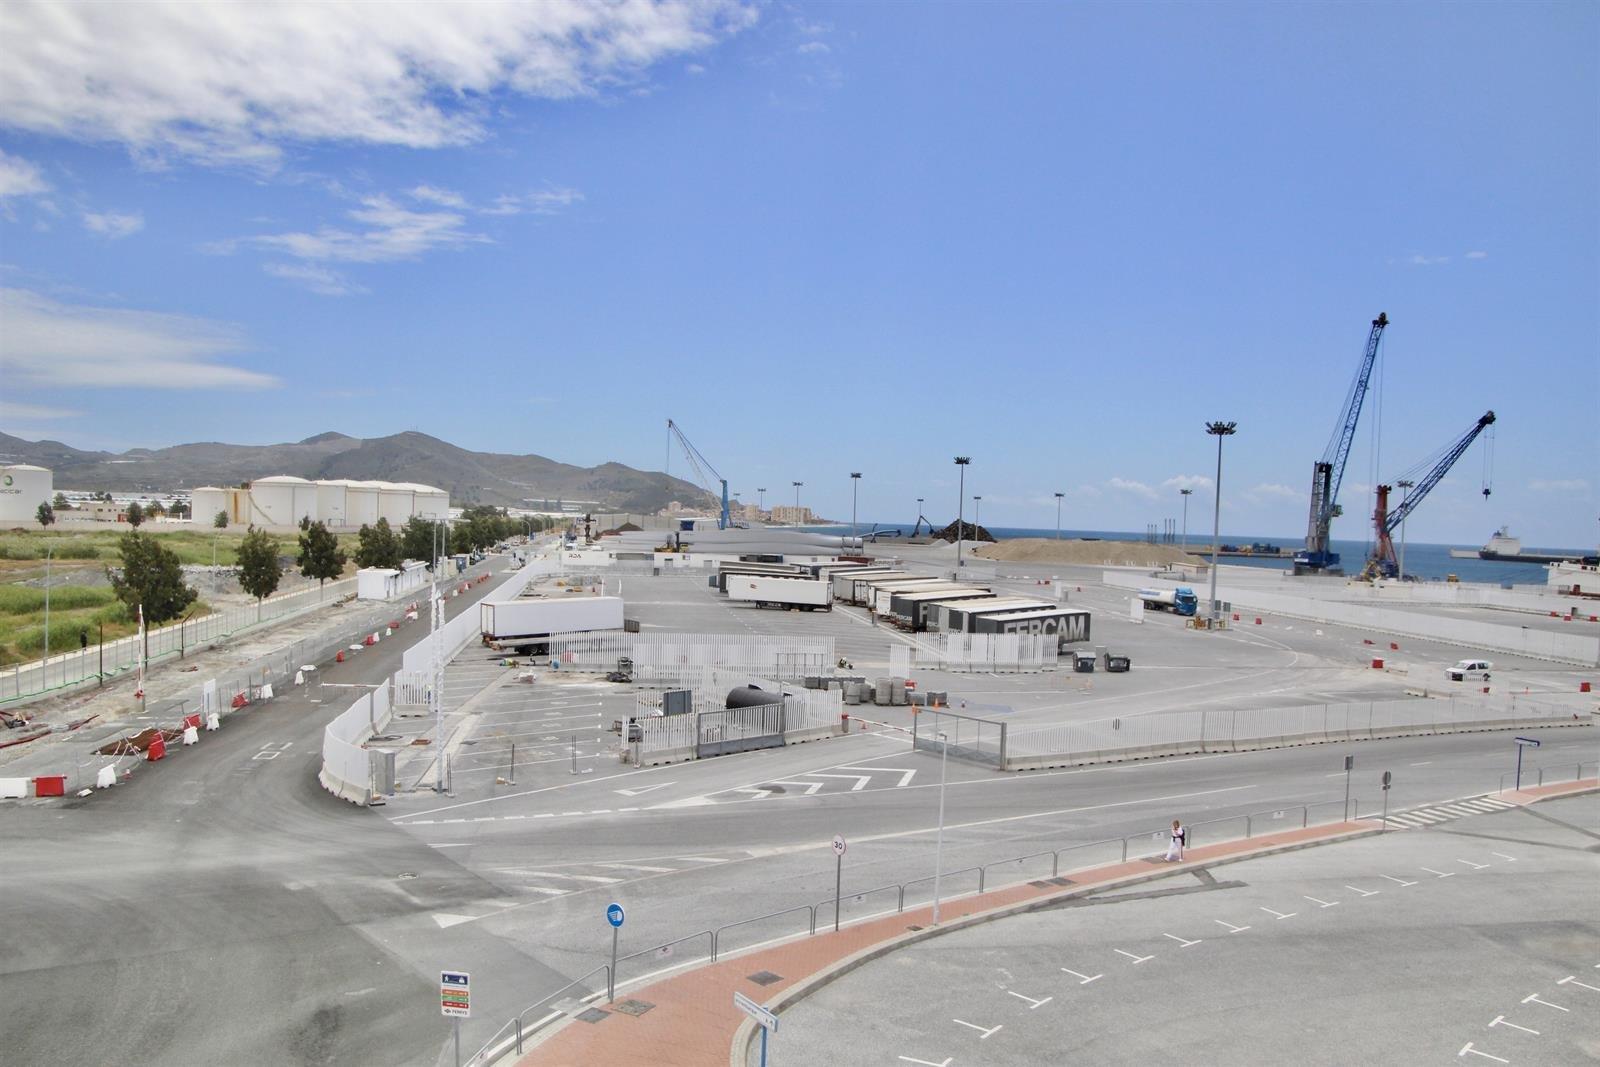 El depósito temporal de mercancías de Motril, el primero de España gestionado por autoridad portuaria